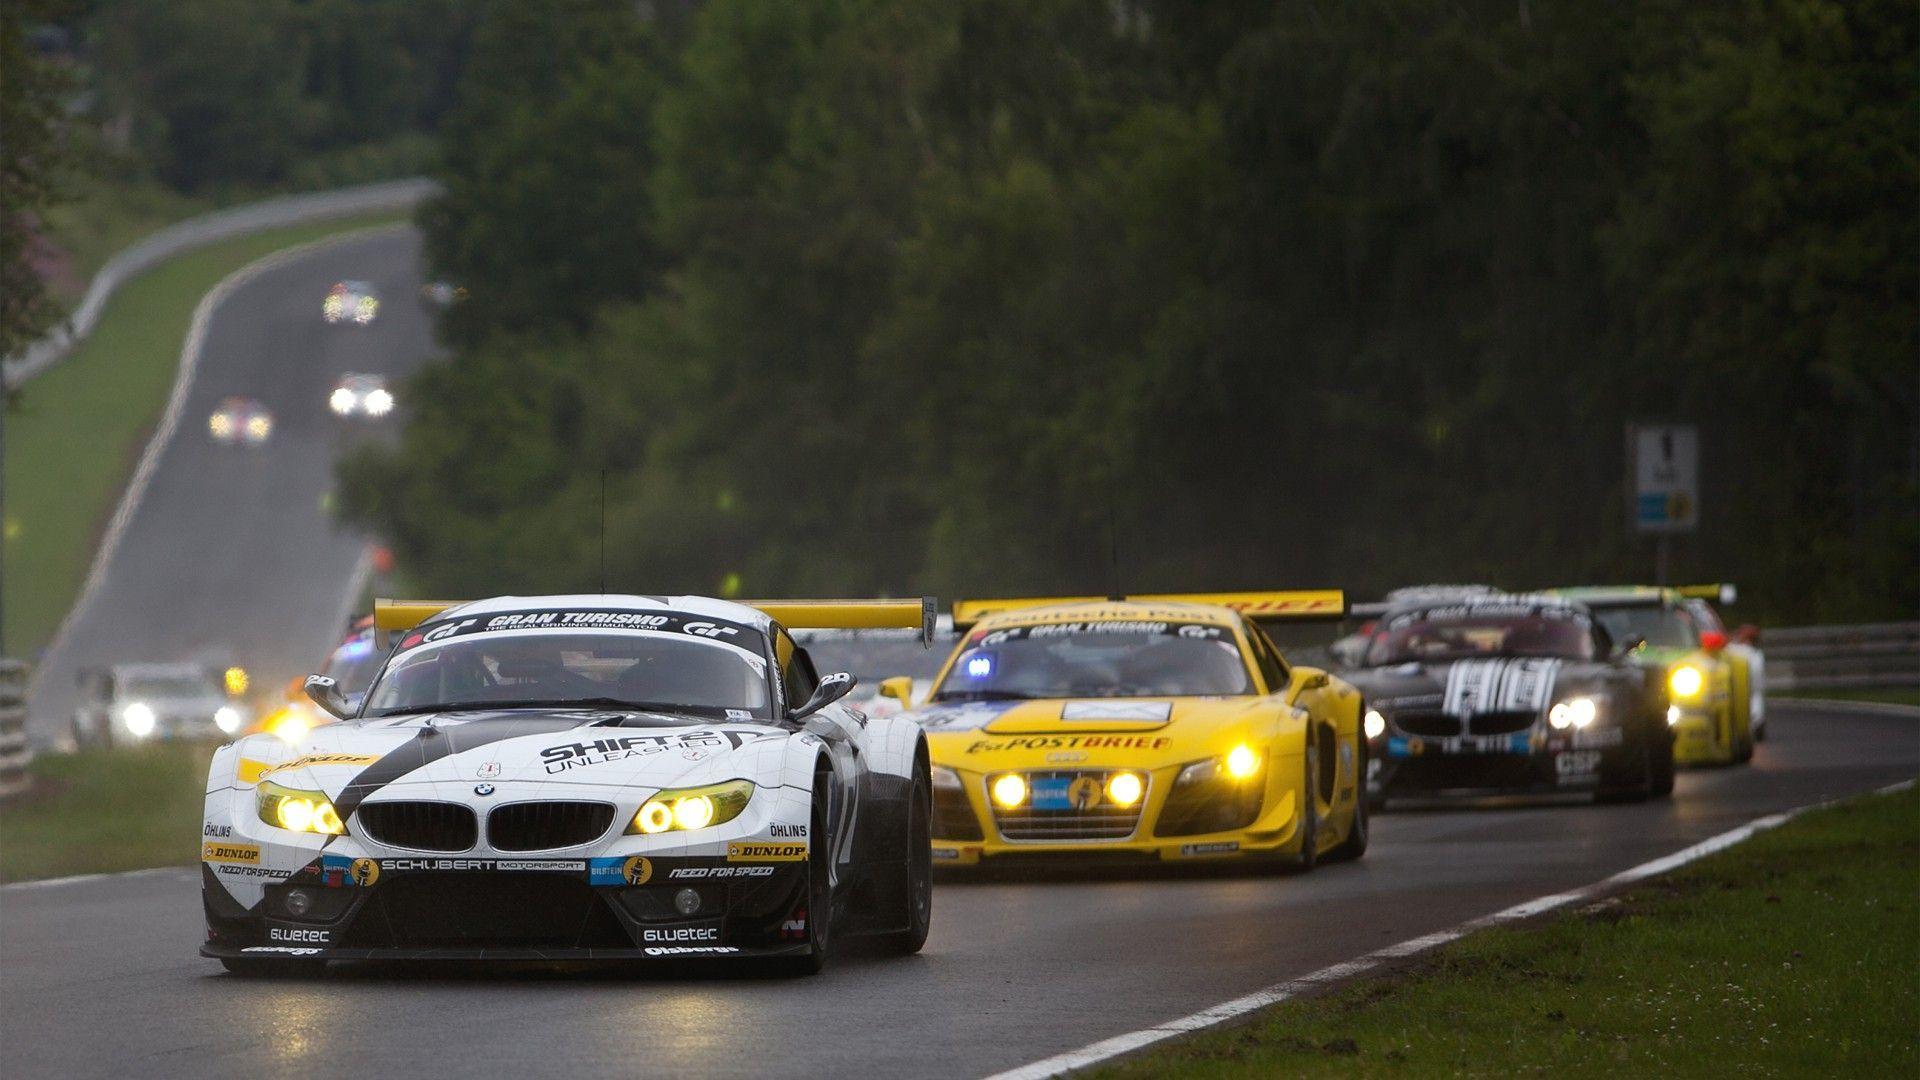 Racing Wallpaper 4k